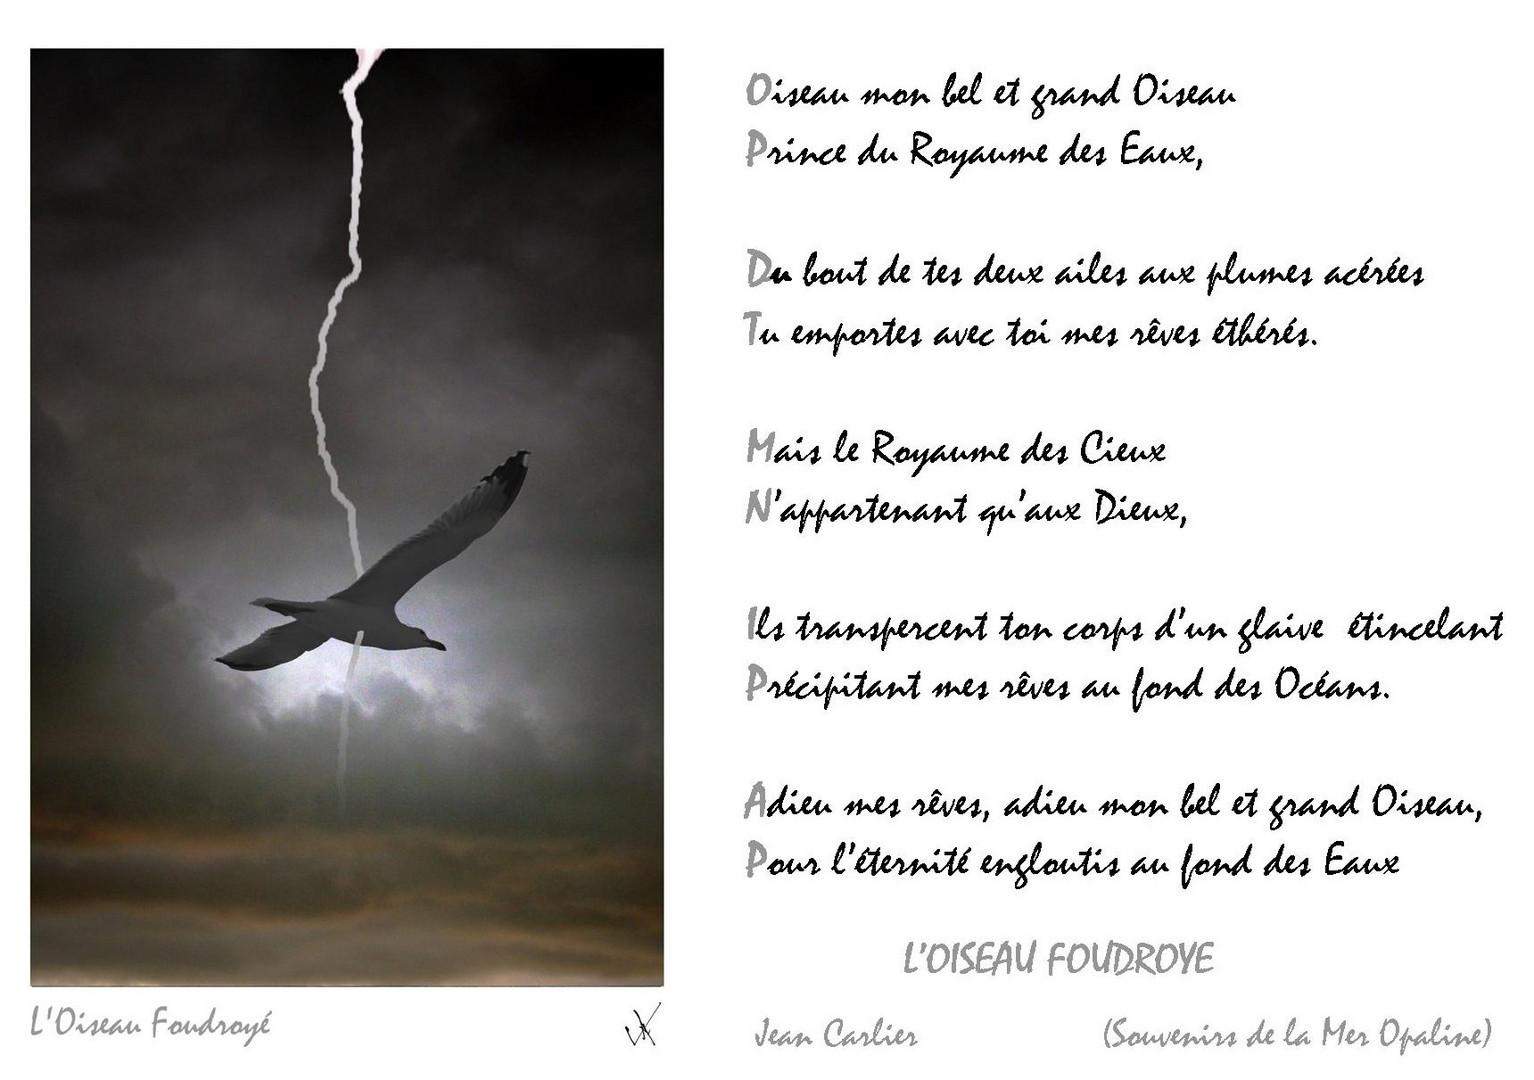 Loiseau Foudroye Poeme Photo Et Image Graphisme 2d 13 05